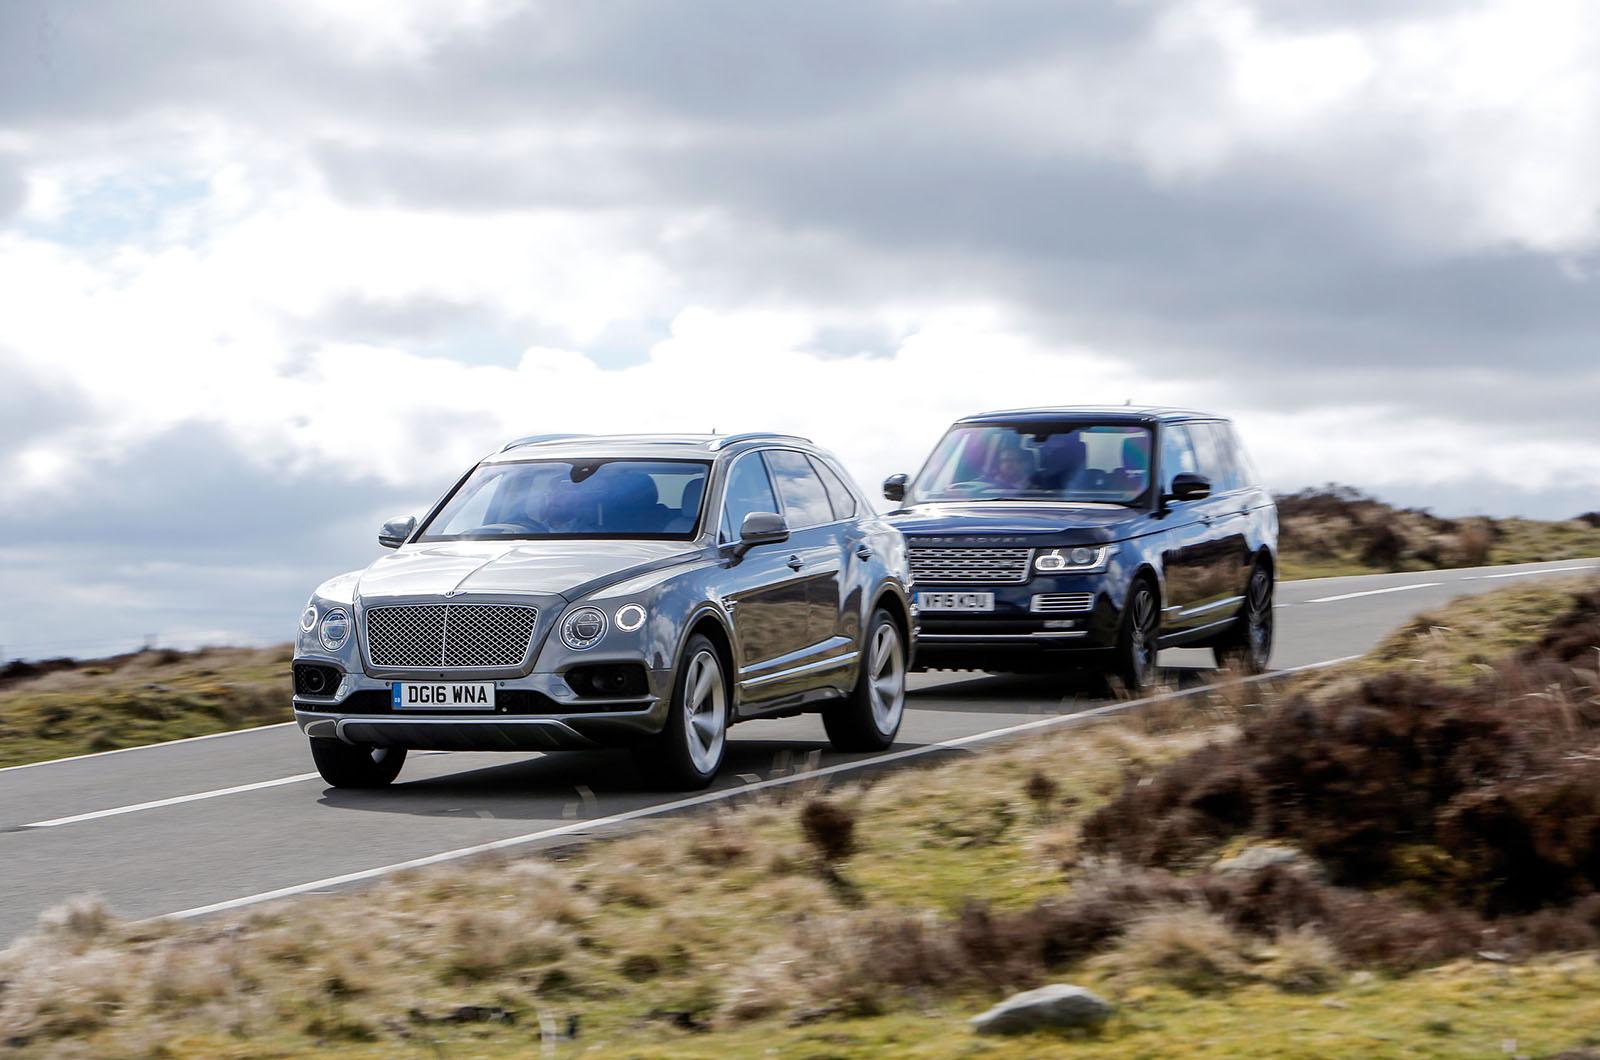 Bentley Bentayga Vs Range Rover Luxury Suv Comparison Autocar